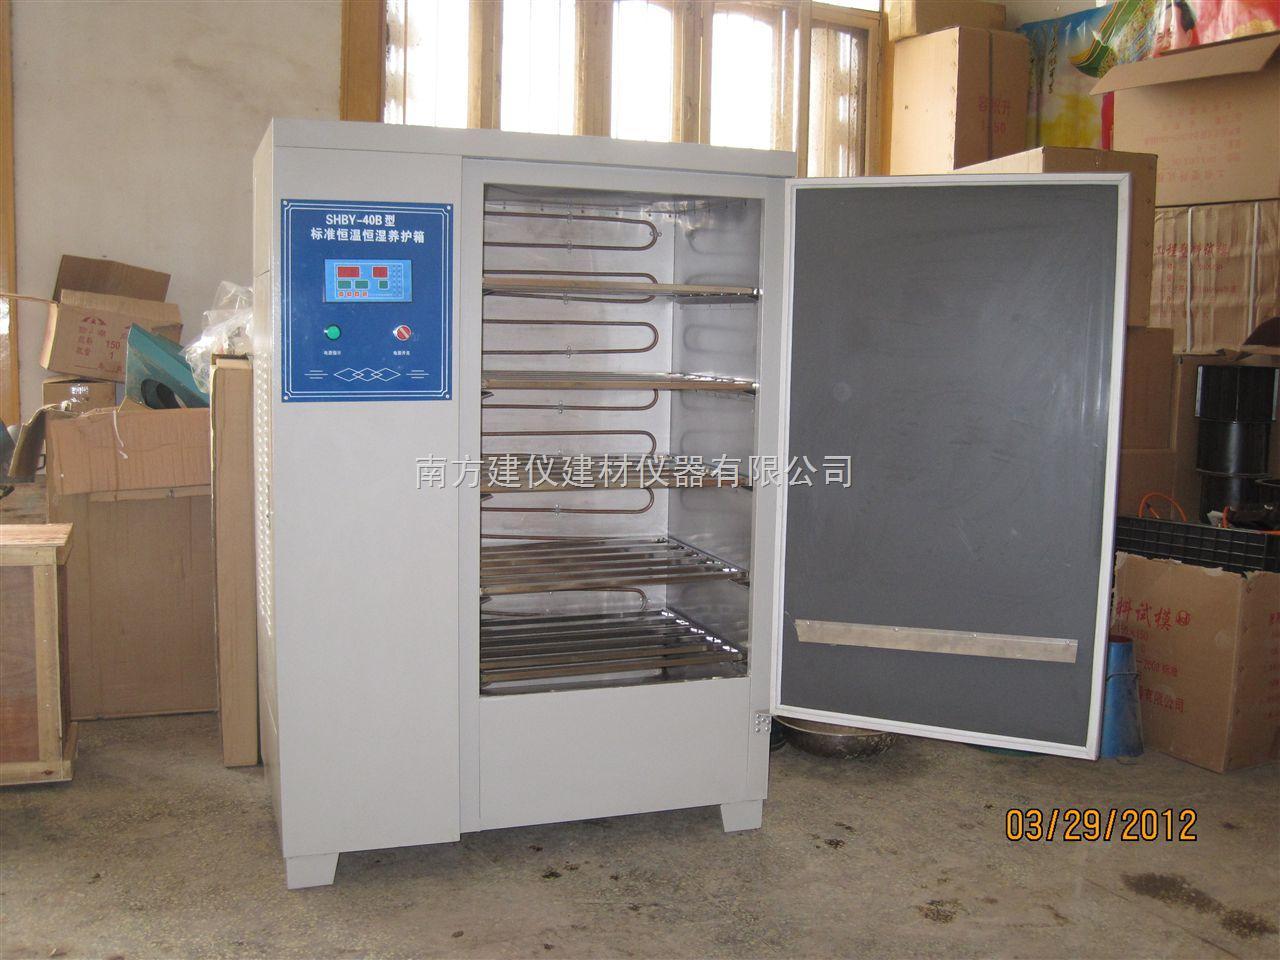 水泥标准养护箱(静电喷塑) 标准恒温恒湿养护箱(不锈钢内胆) 养护箱